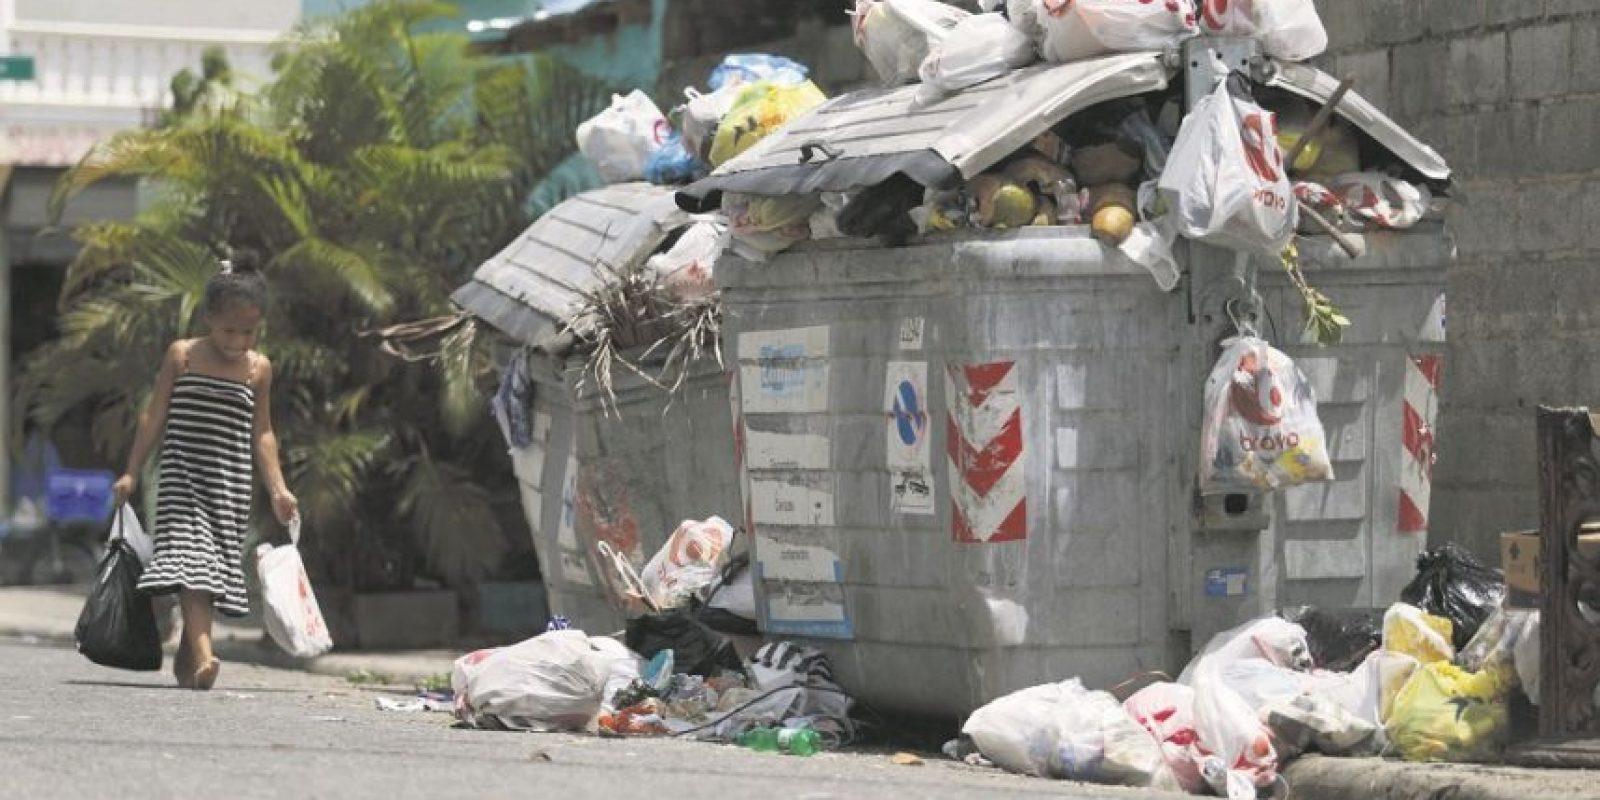 Los niños, enviados por sus padres a botar la basura, debido a su baja estatura se ven también en la necesidad de tirar los desechos sólidos en el suelo. Foto:Roberto Guzmán